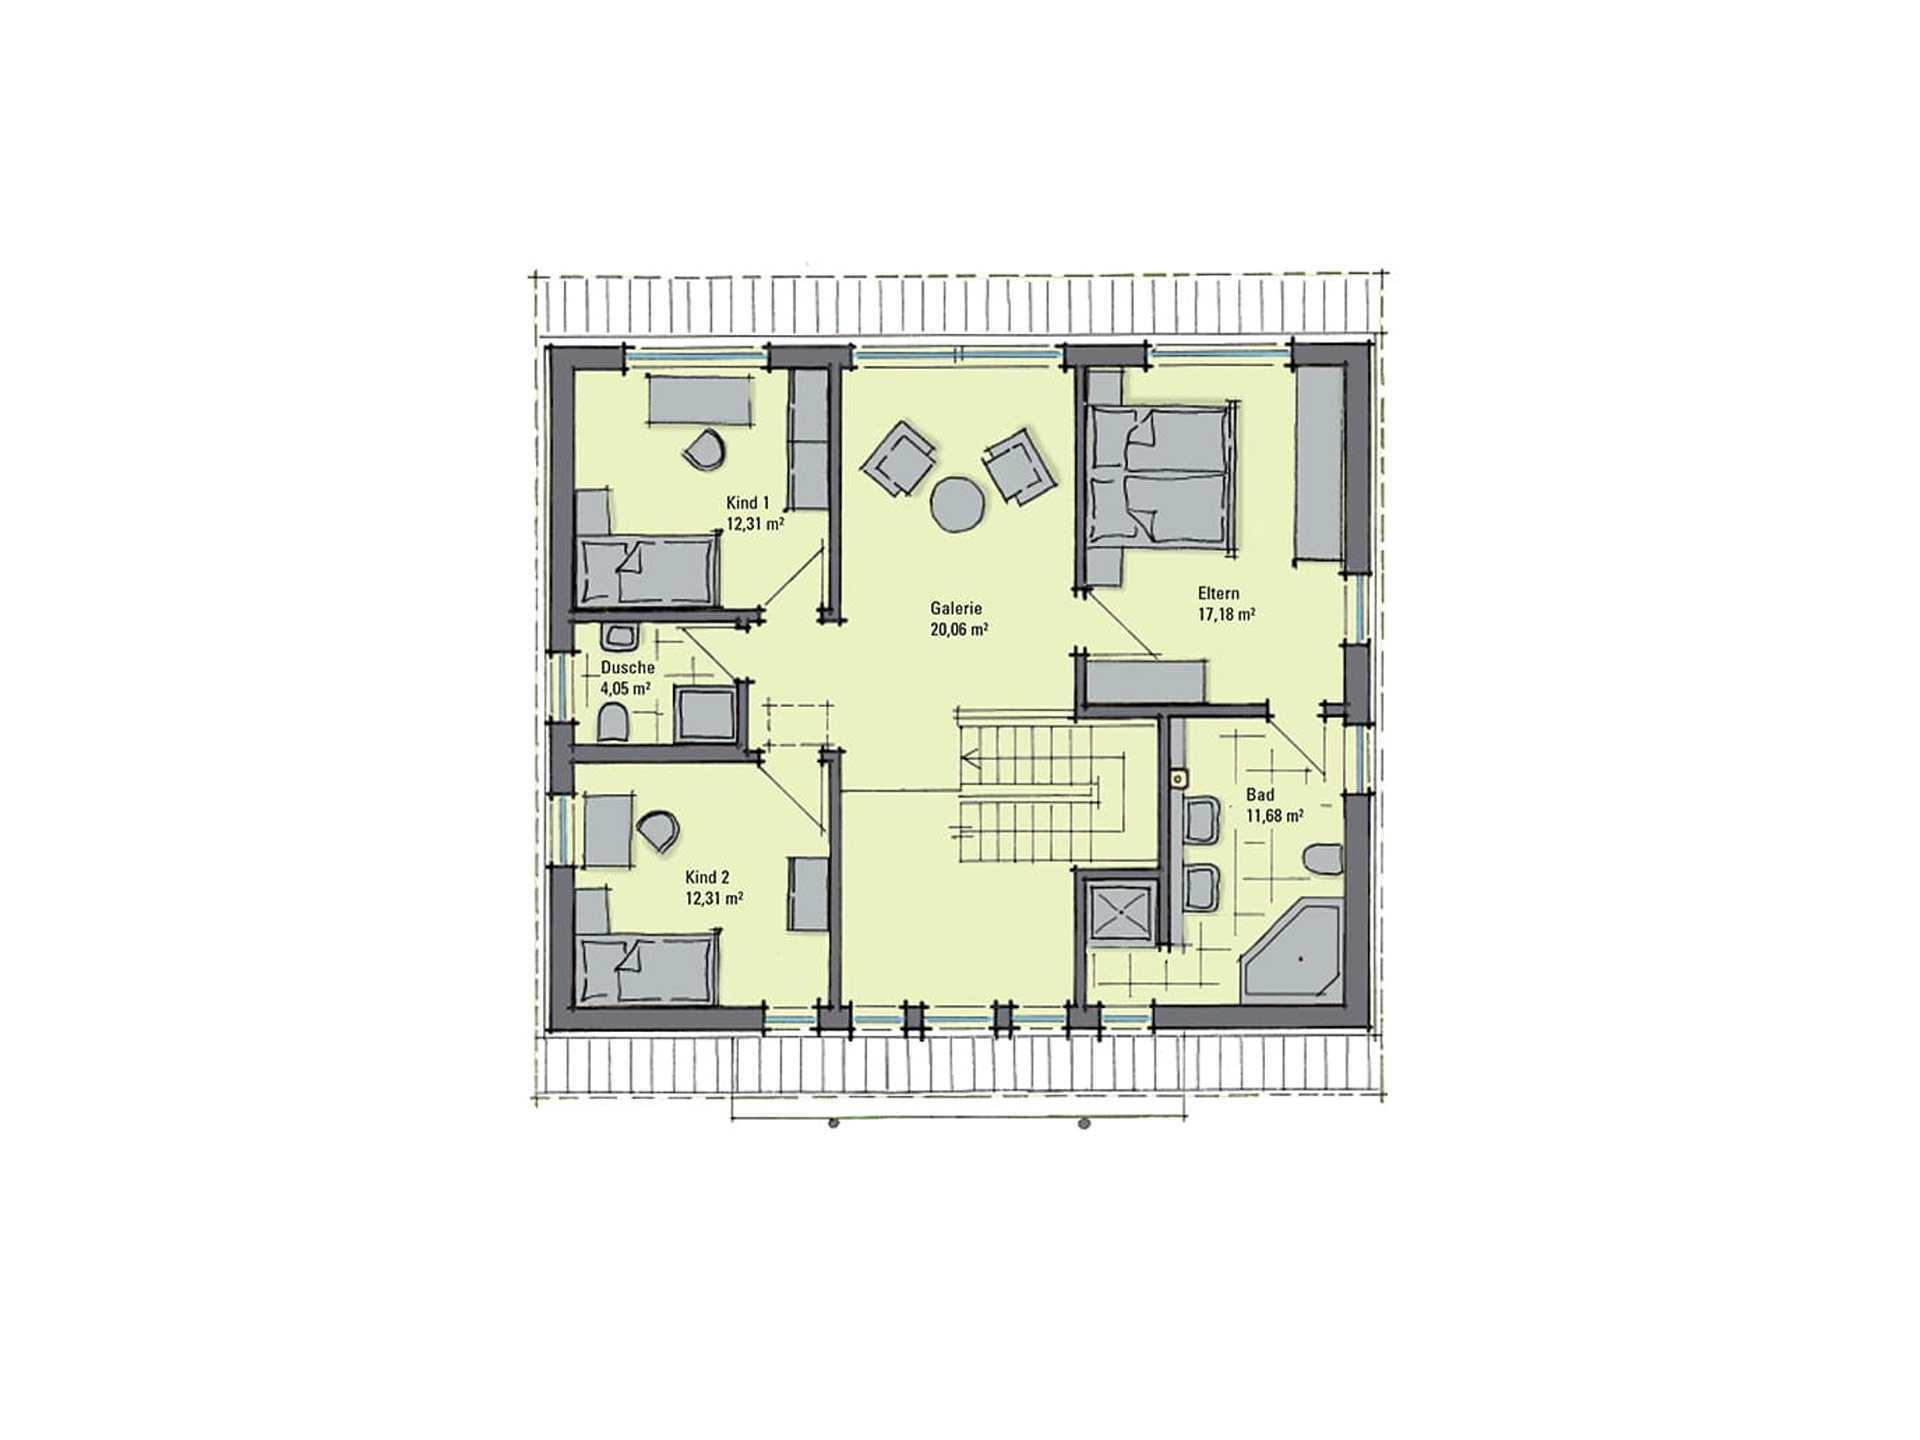 Musterhaus Diana - Eine Nahaufnahme einer Uhr - Gebäudeplan